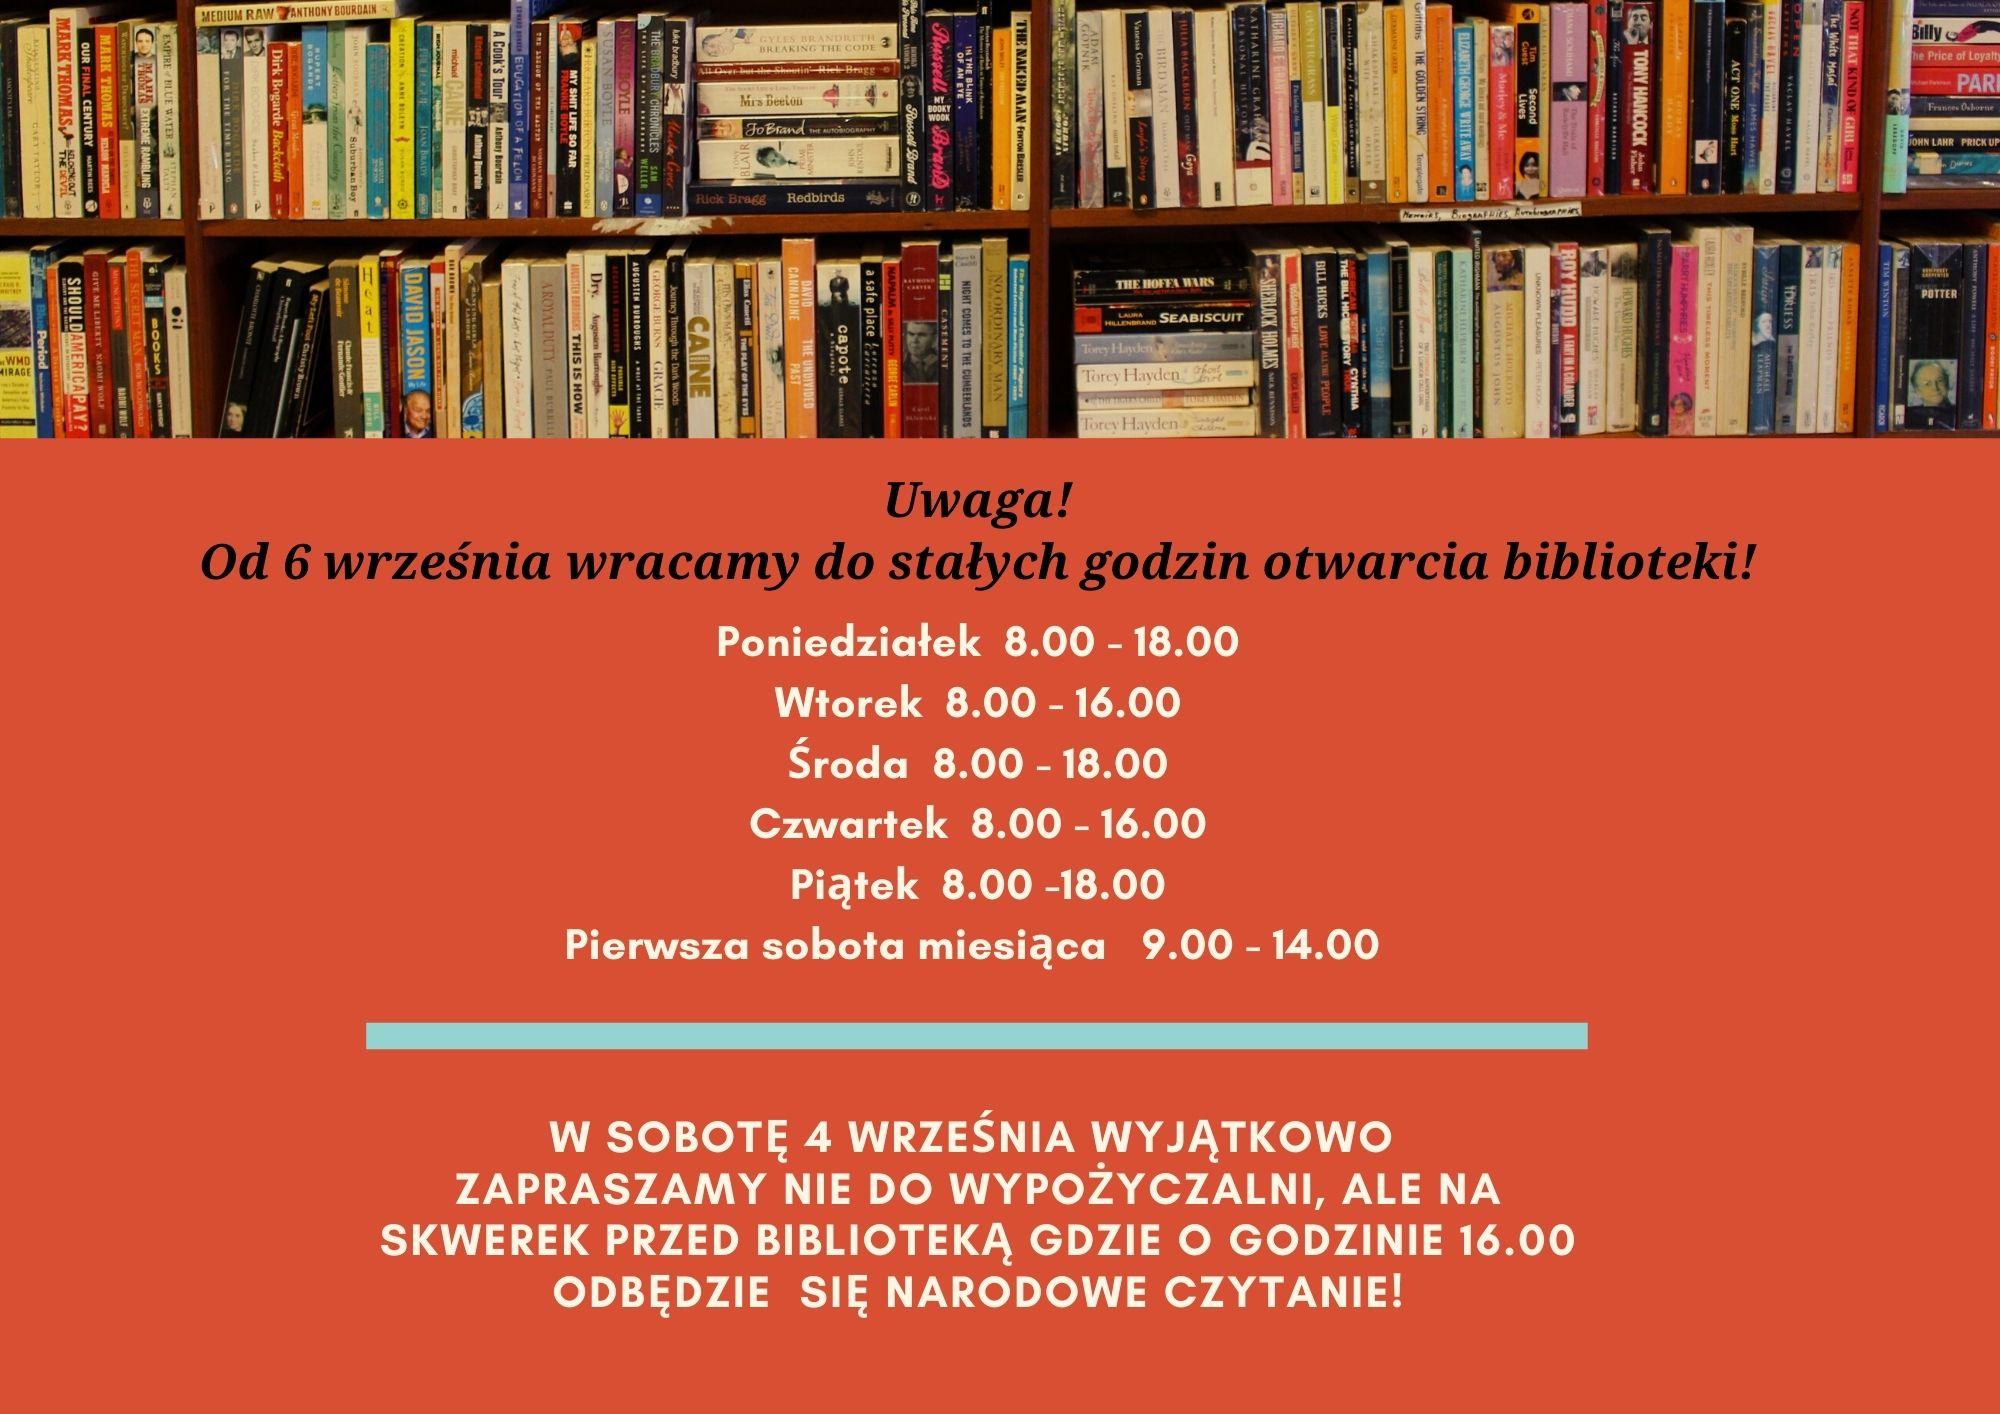 półki z książkami ogłoszenie o zmianie godzin otwarcia biblioteki